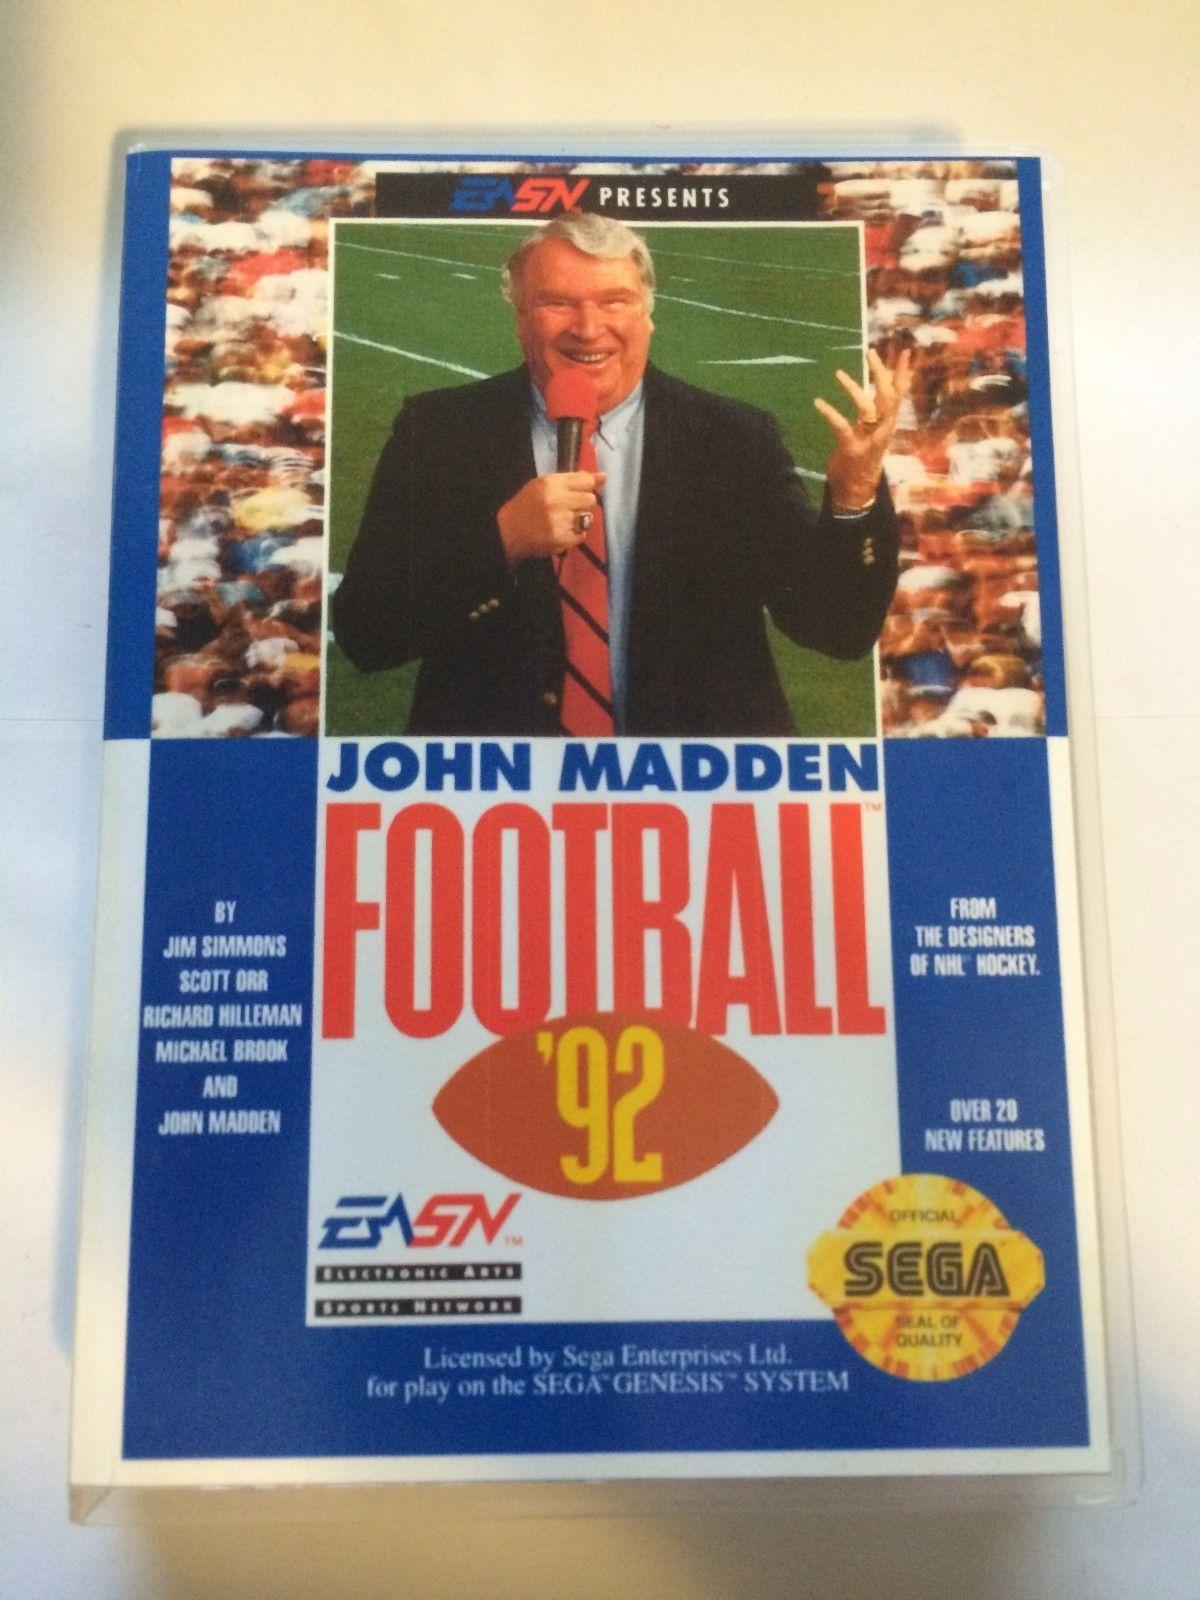 John Madden Football '92 - Sega Genesis - Replacement Case - No Game